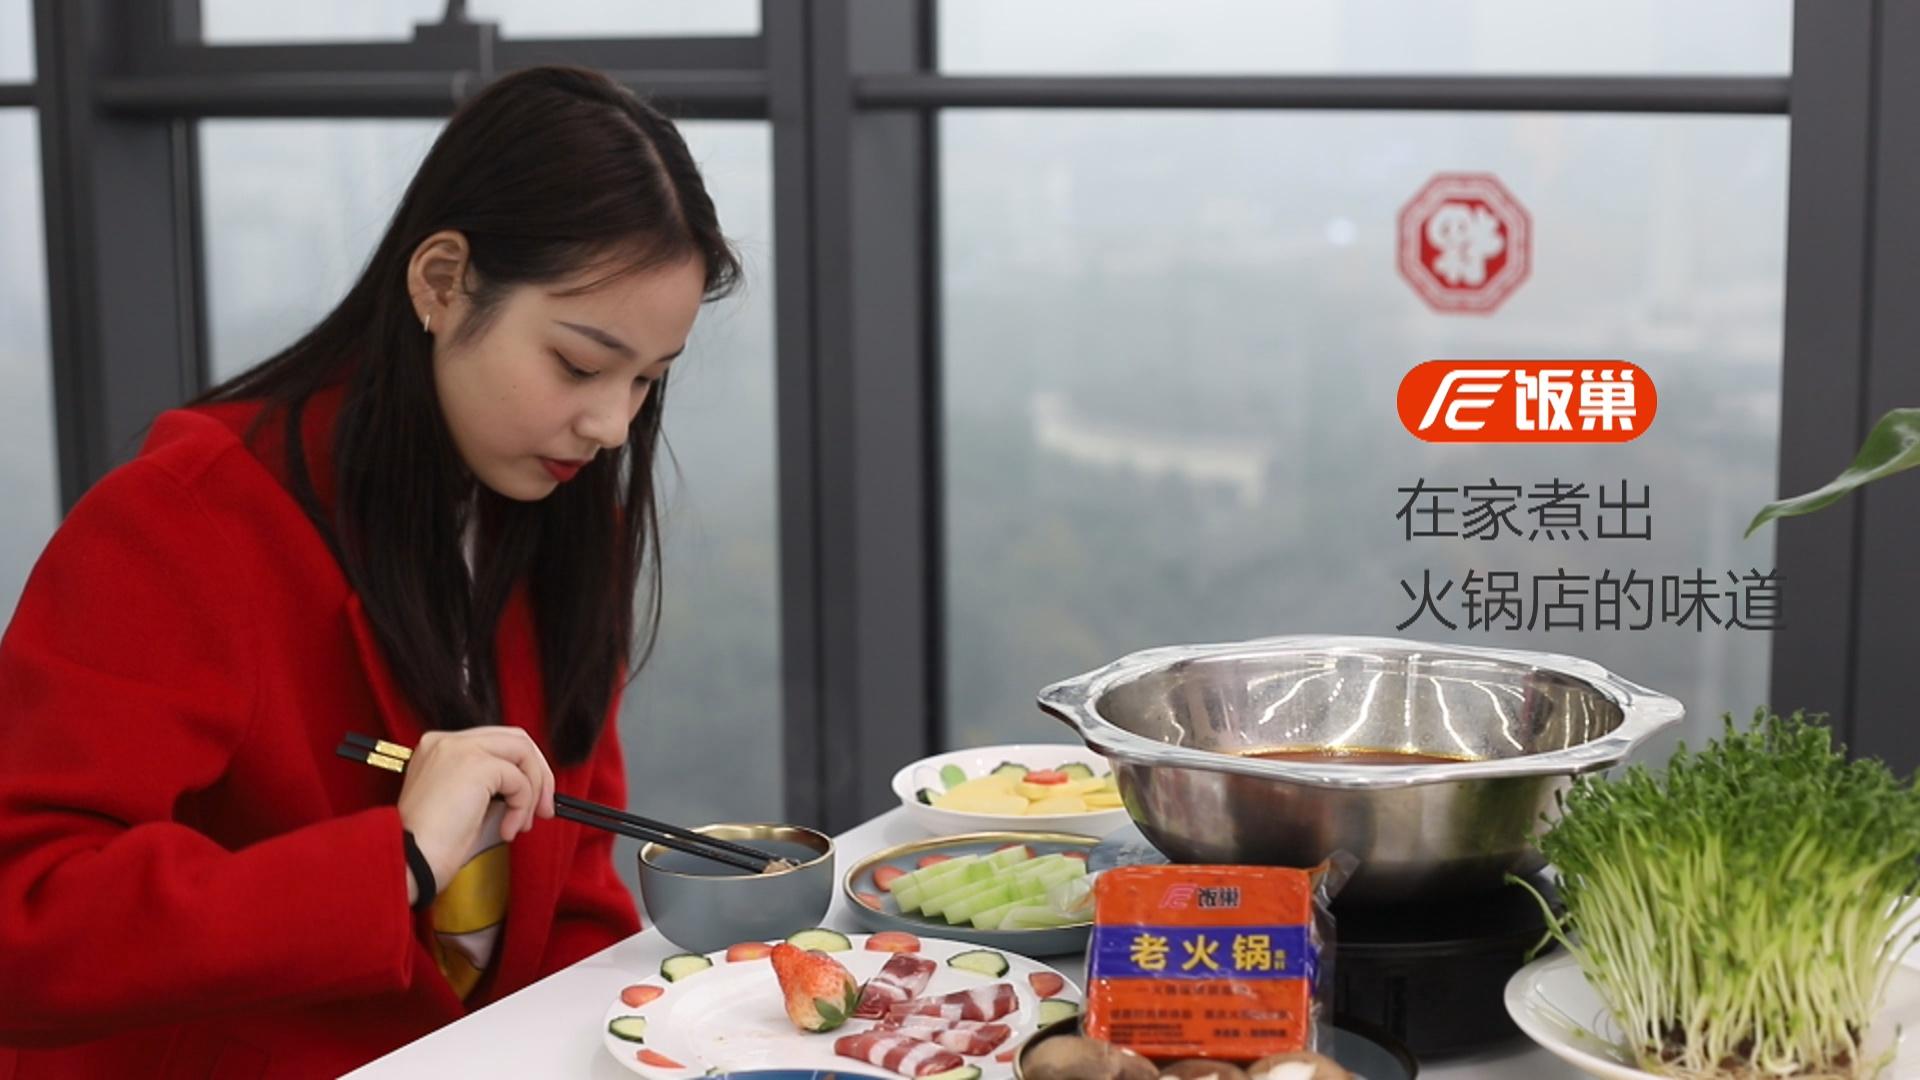 天猫主图视频拍摄制作重庆火锅底料方块食品拍摄视频制作案例